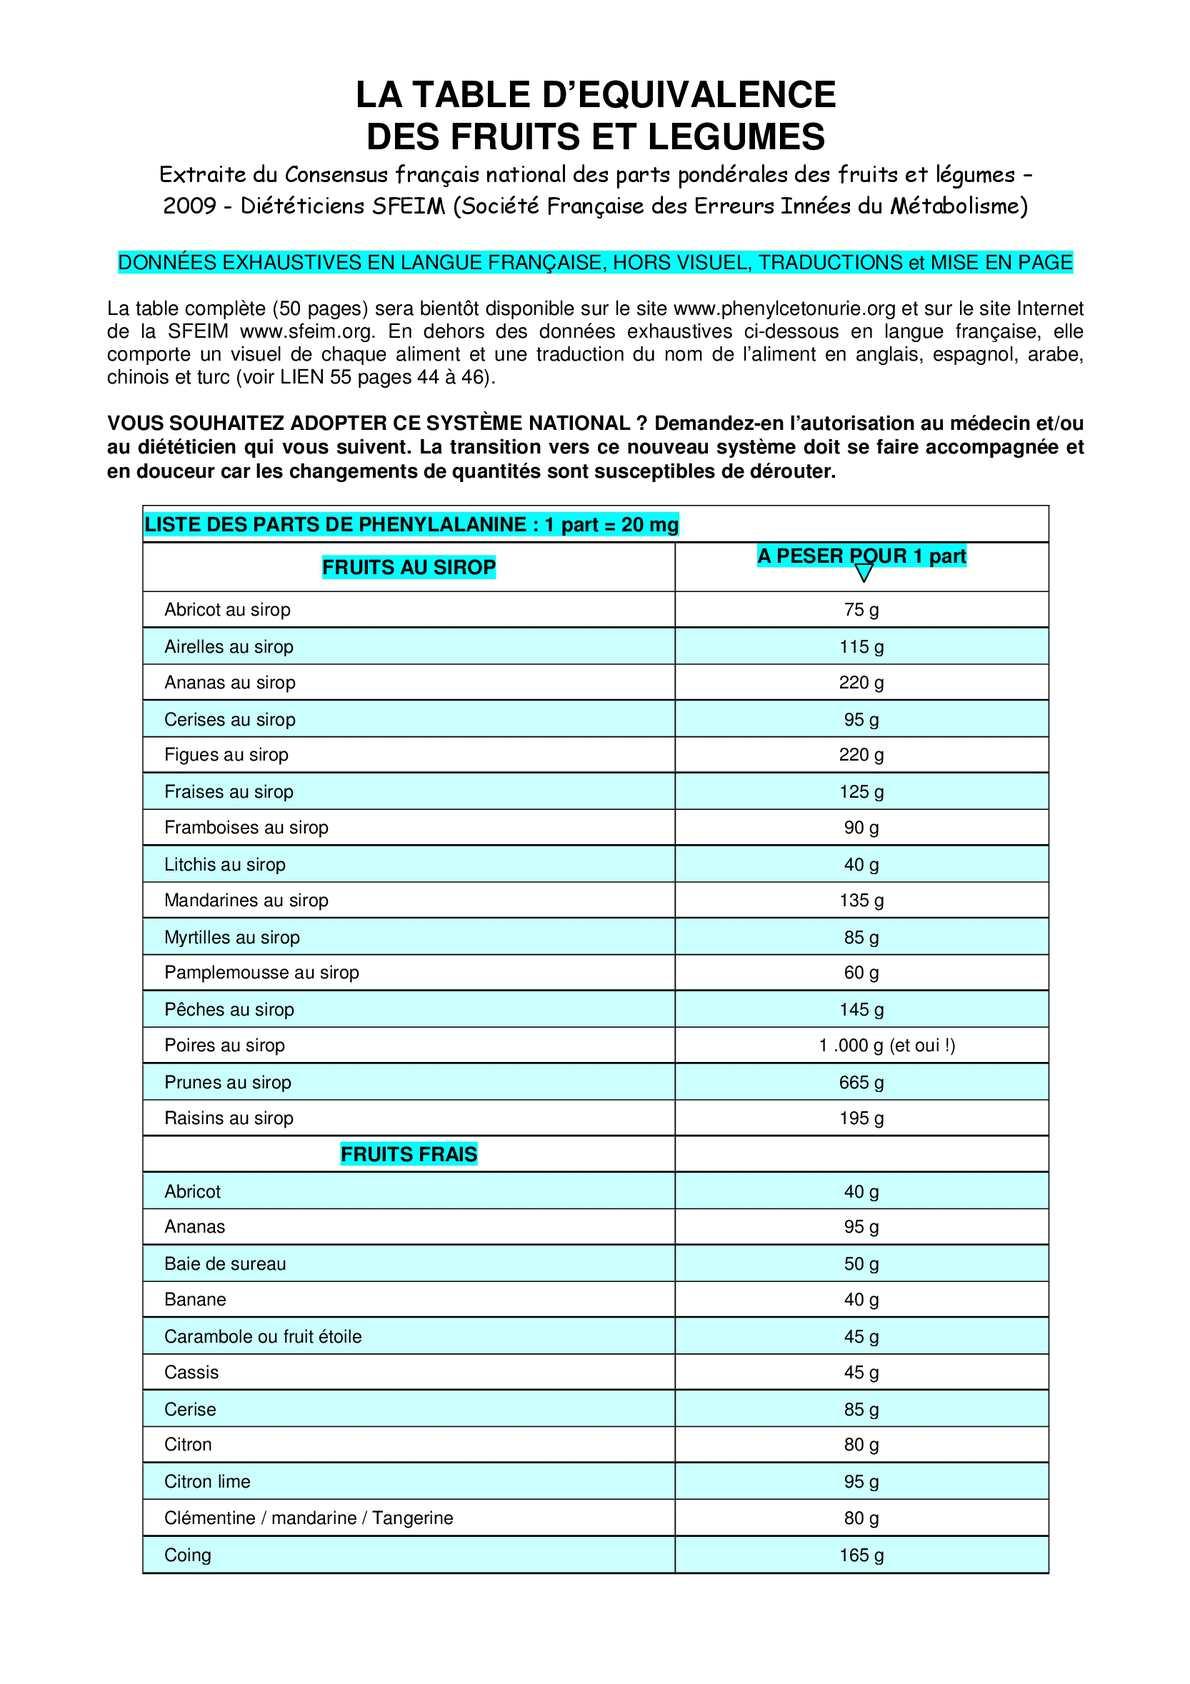 Calameo D1 Liste Des Equivalences Fruits Et Legumes Pour Phenylcetonuriques